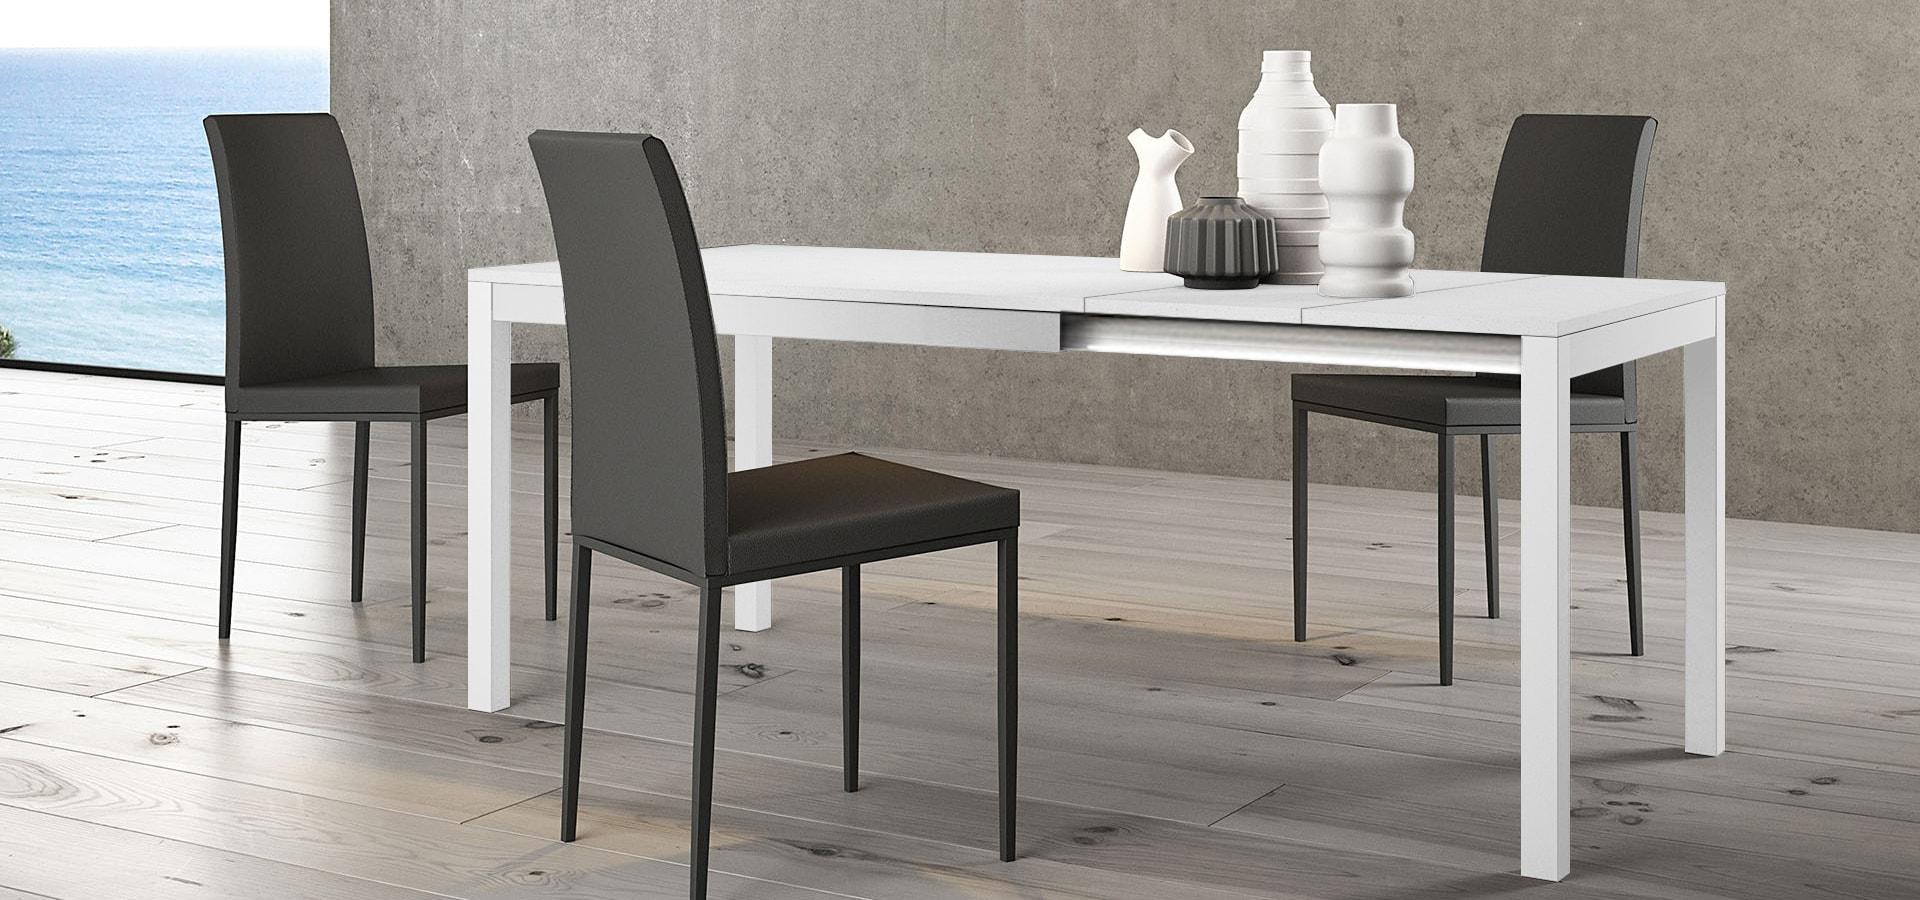 Итальянский стол MATRIX 160 белый | ARREDO3